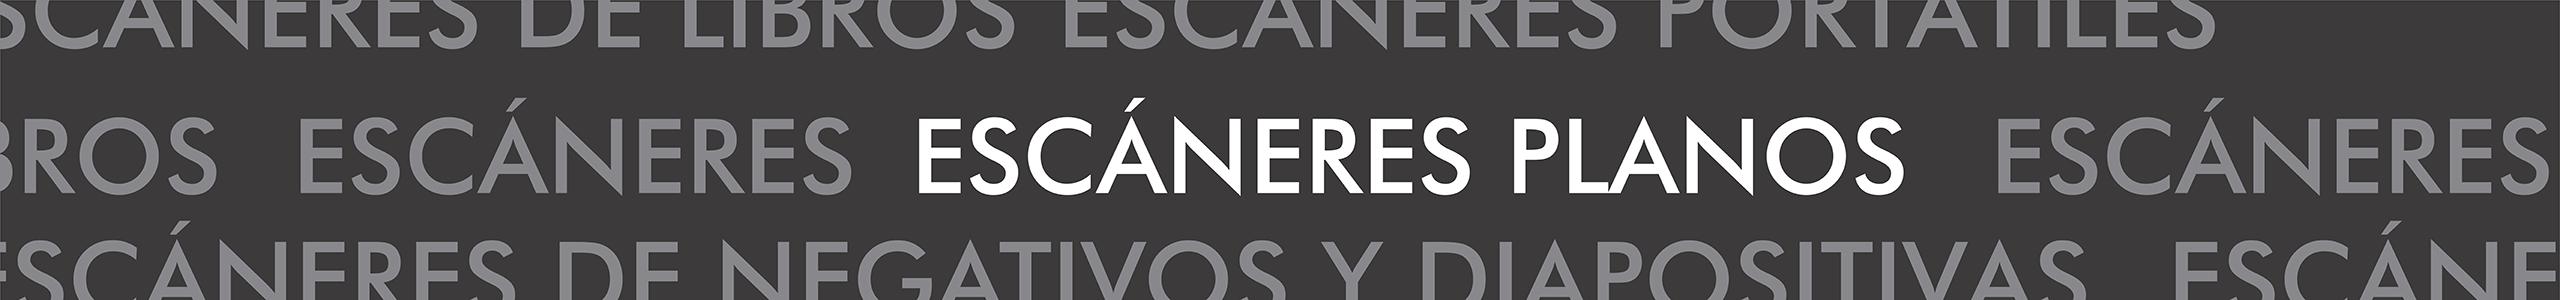 Escáneres portátiles